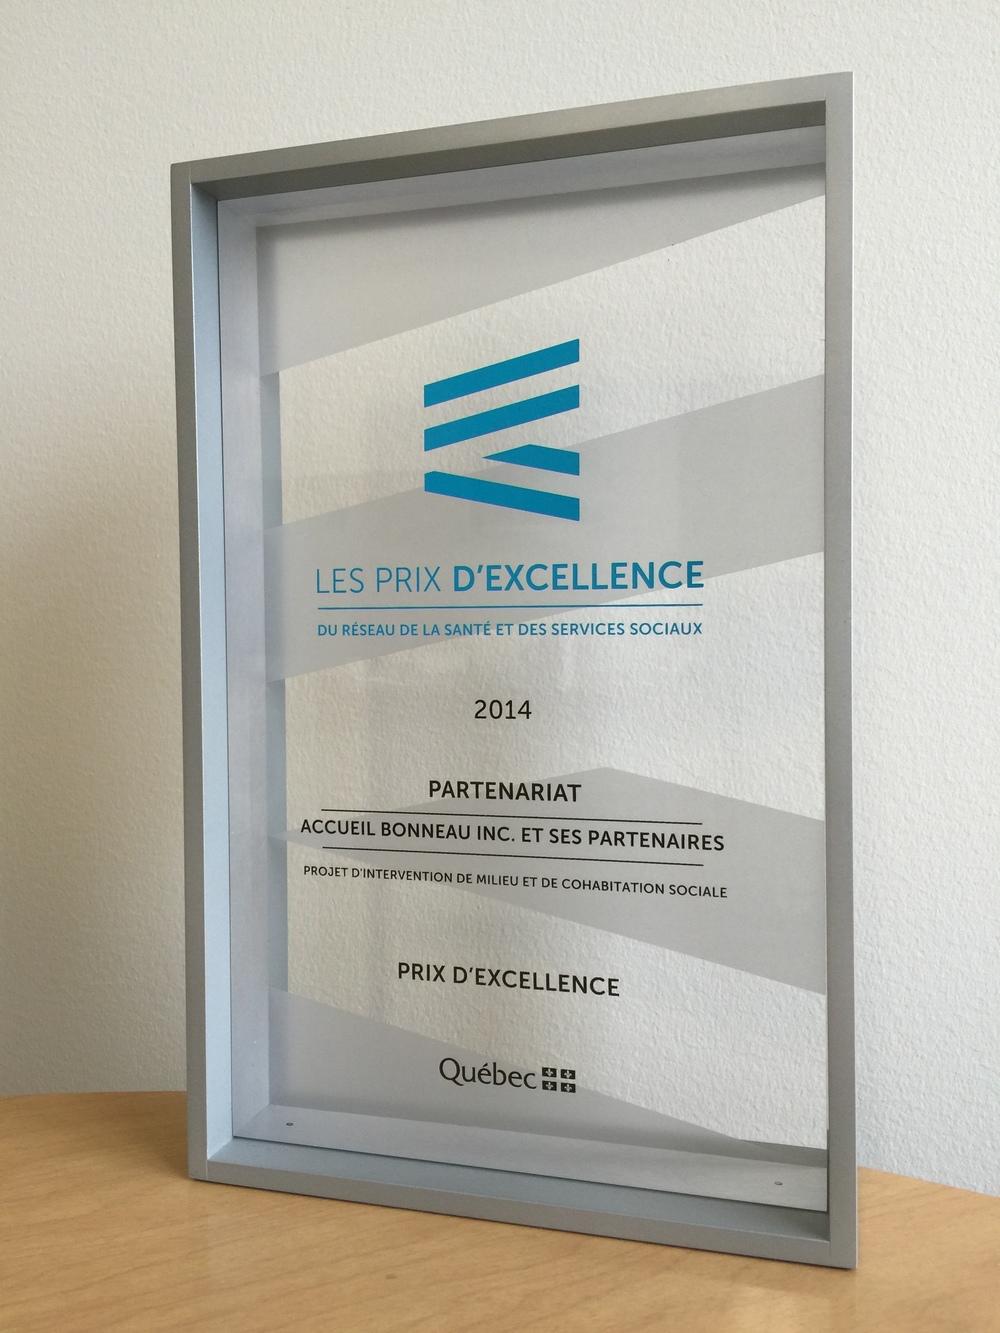 PRIX D'EXCELLENCE   DU MSSS CATÉGORIE  «PARTENARIATS»